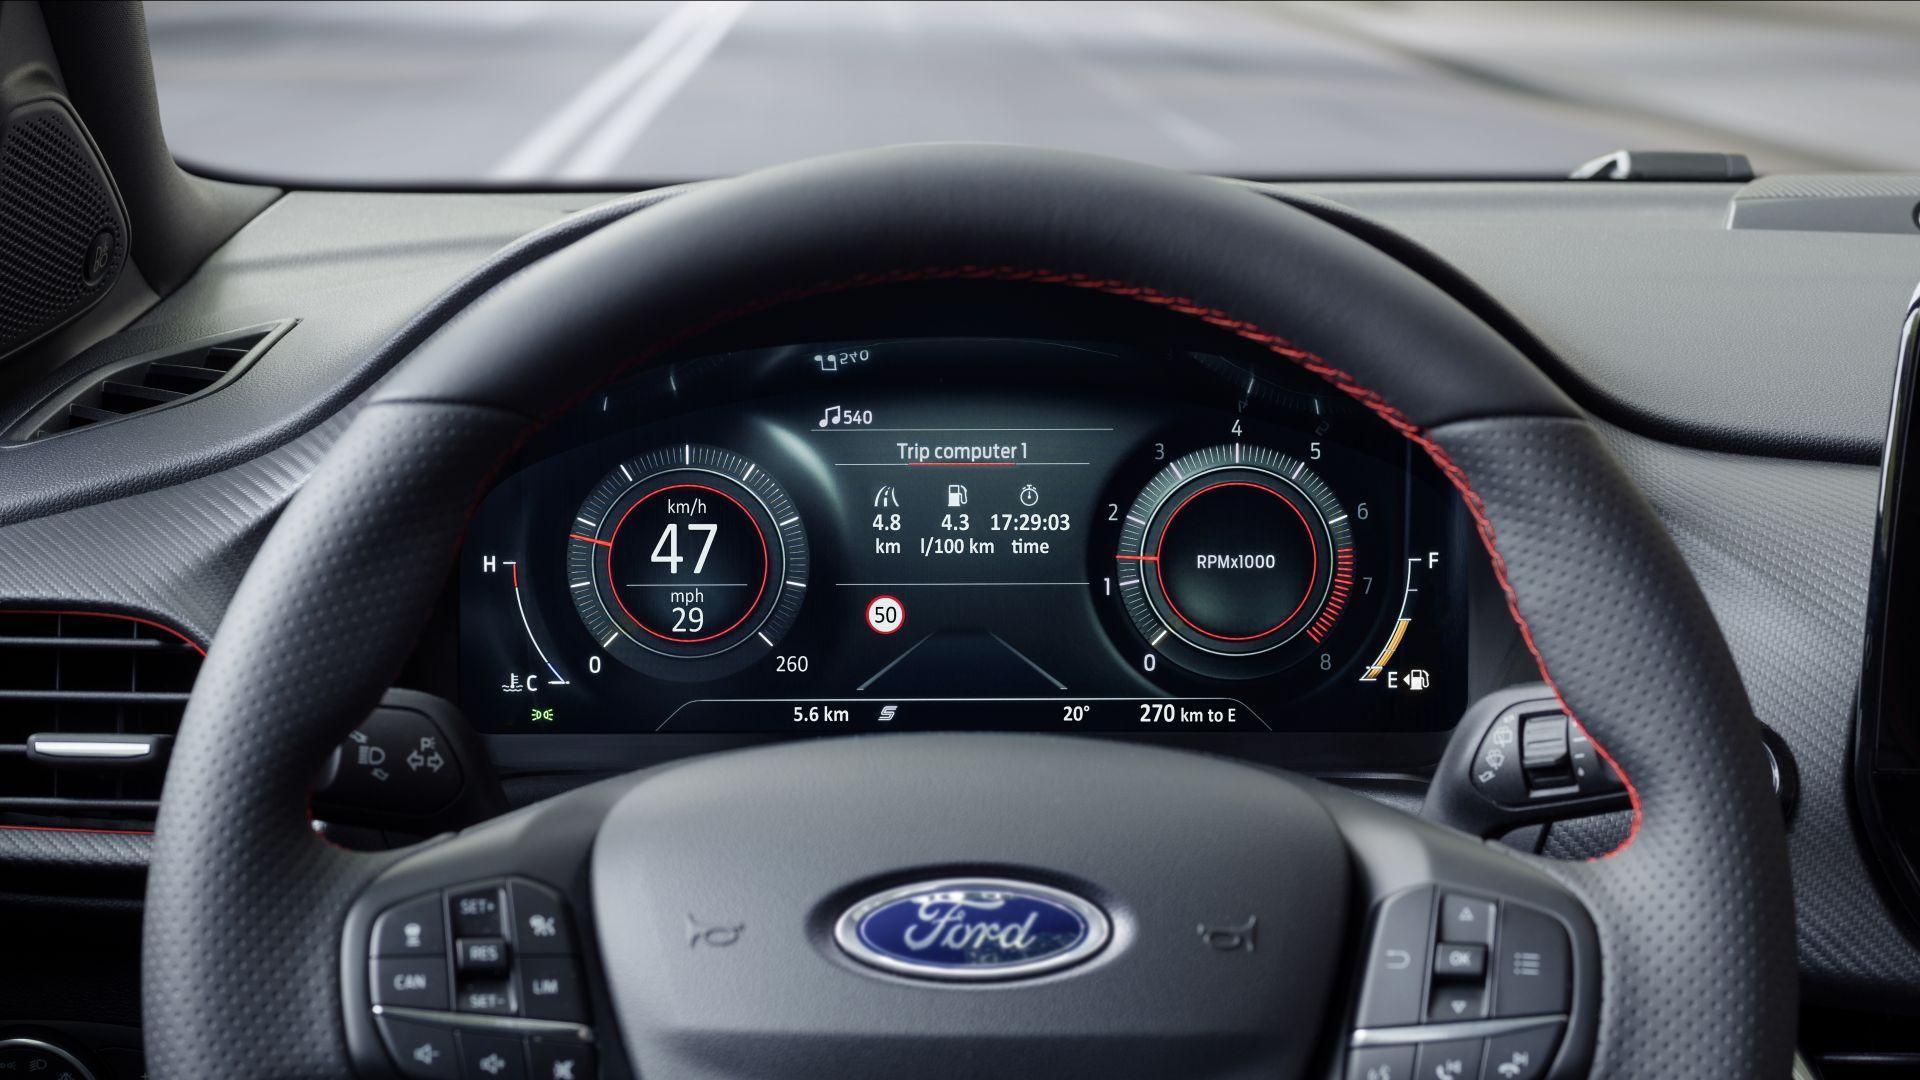 nuova ford puma 2020  foto  dimensioni  prezzi  versioni  arrivo